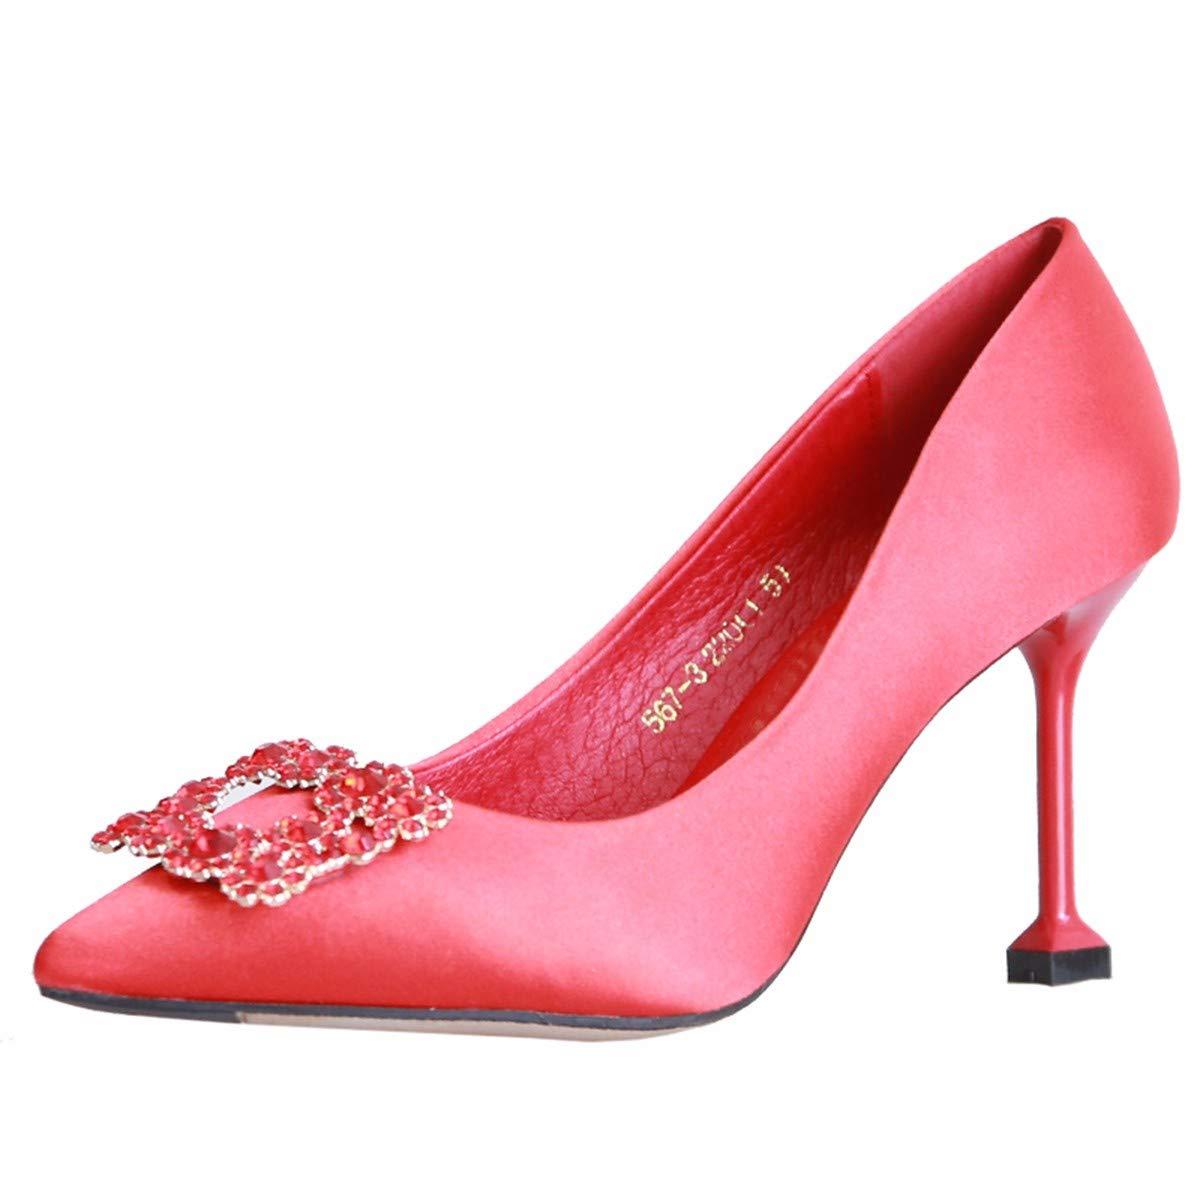 KPHY Damenschuhe/Herbst Roten Hochzeit Schuhe Braut High Heels 8Cm Dünnen Ferse Sagte Wasser Diamond Schuhe Flachen Mund Seide und Satin-Schuhe 36 Schwarz